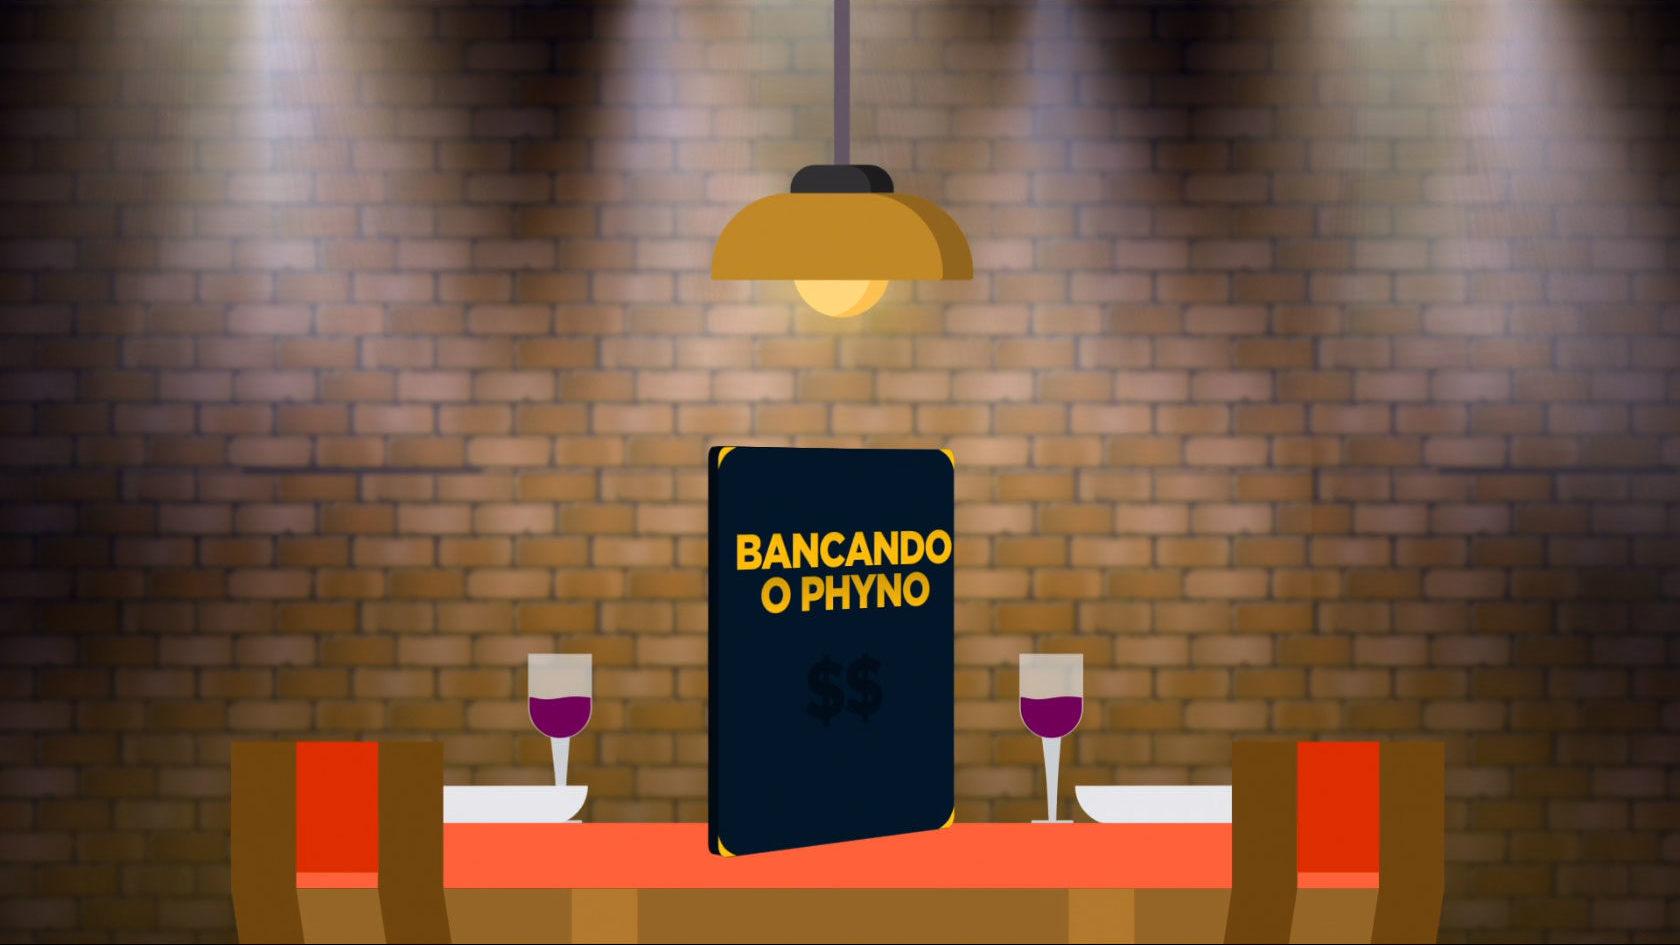 Bancando o Phyno - Canal dos Caçadores